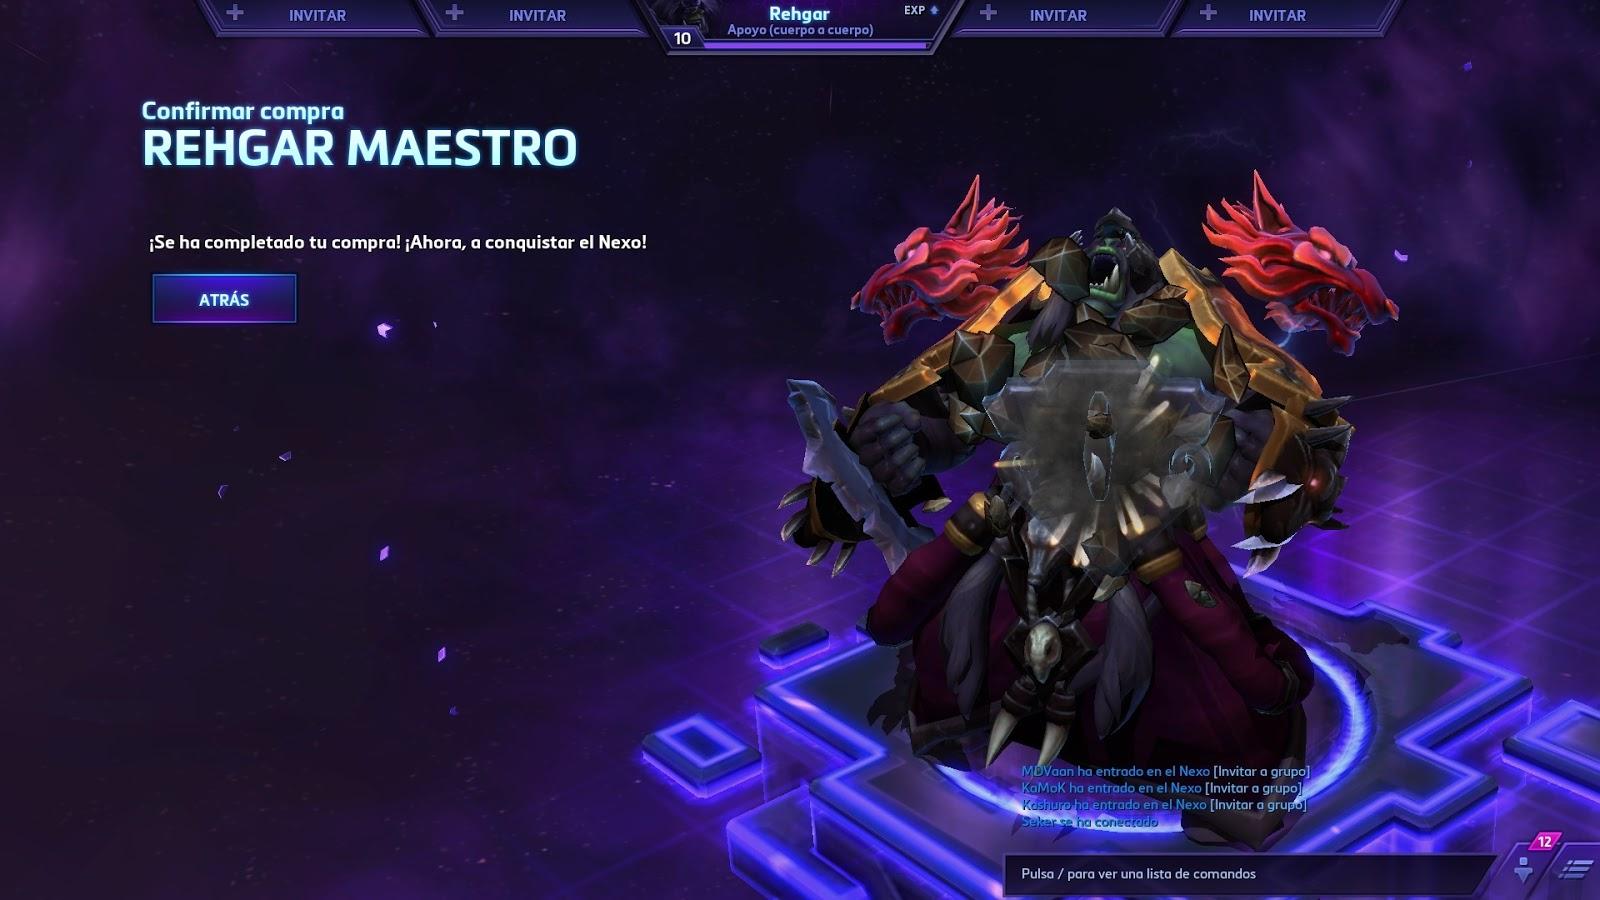 Rehgar Maestro